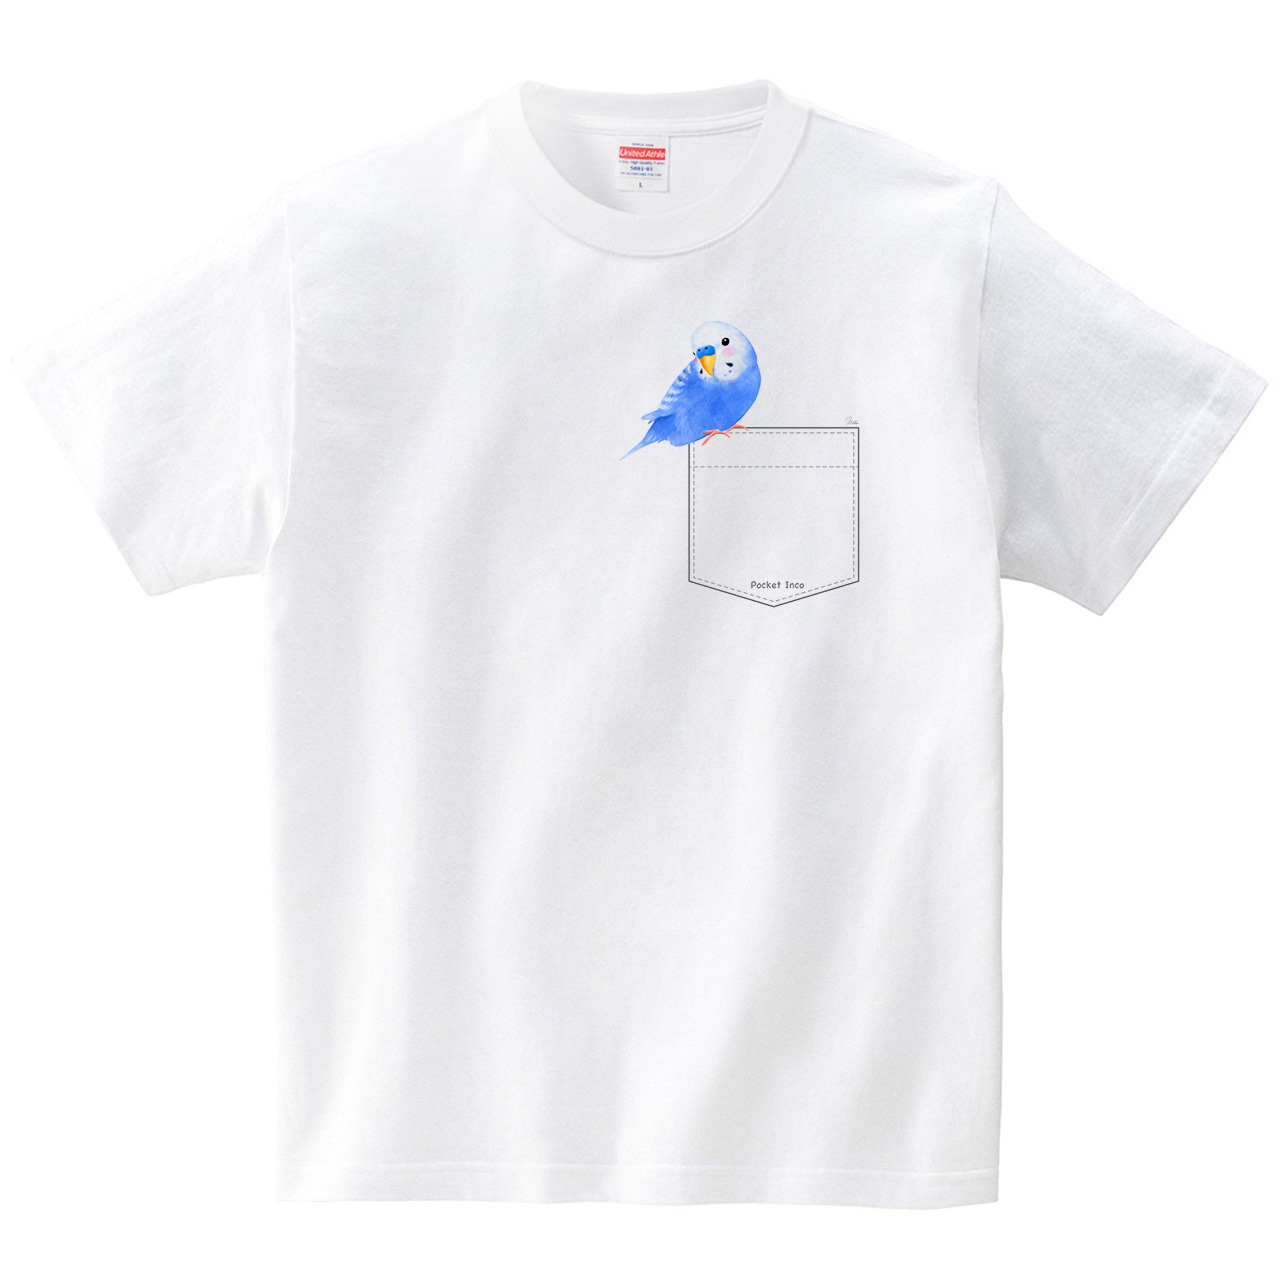 ぽけインコ3(Pocket Inco)(Tシャツ・ホワイト)(イシイミホ)